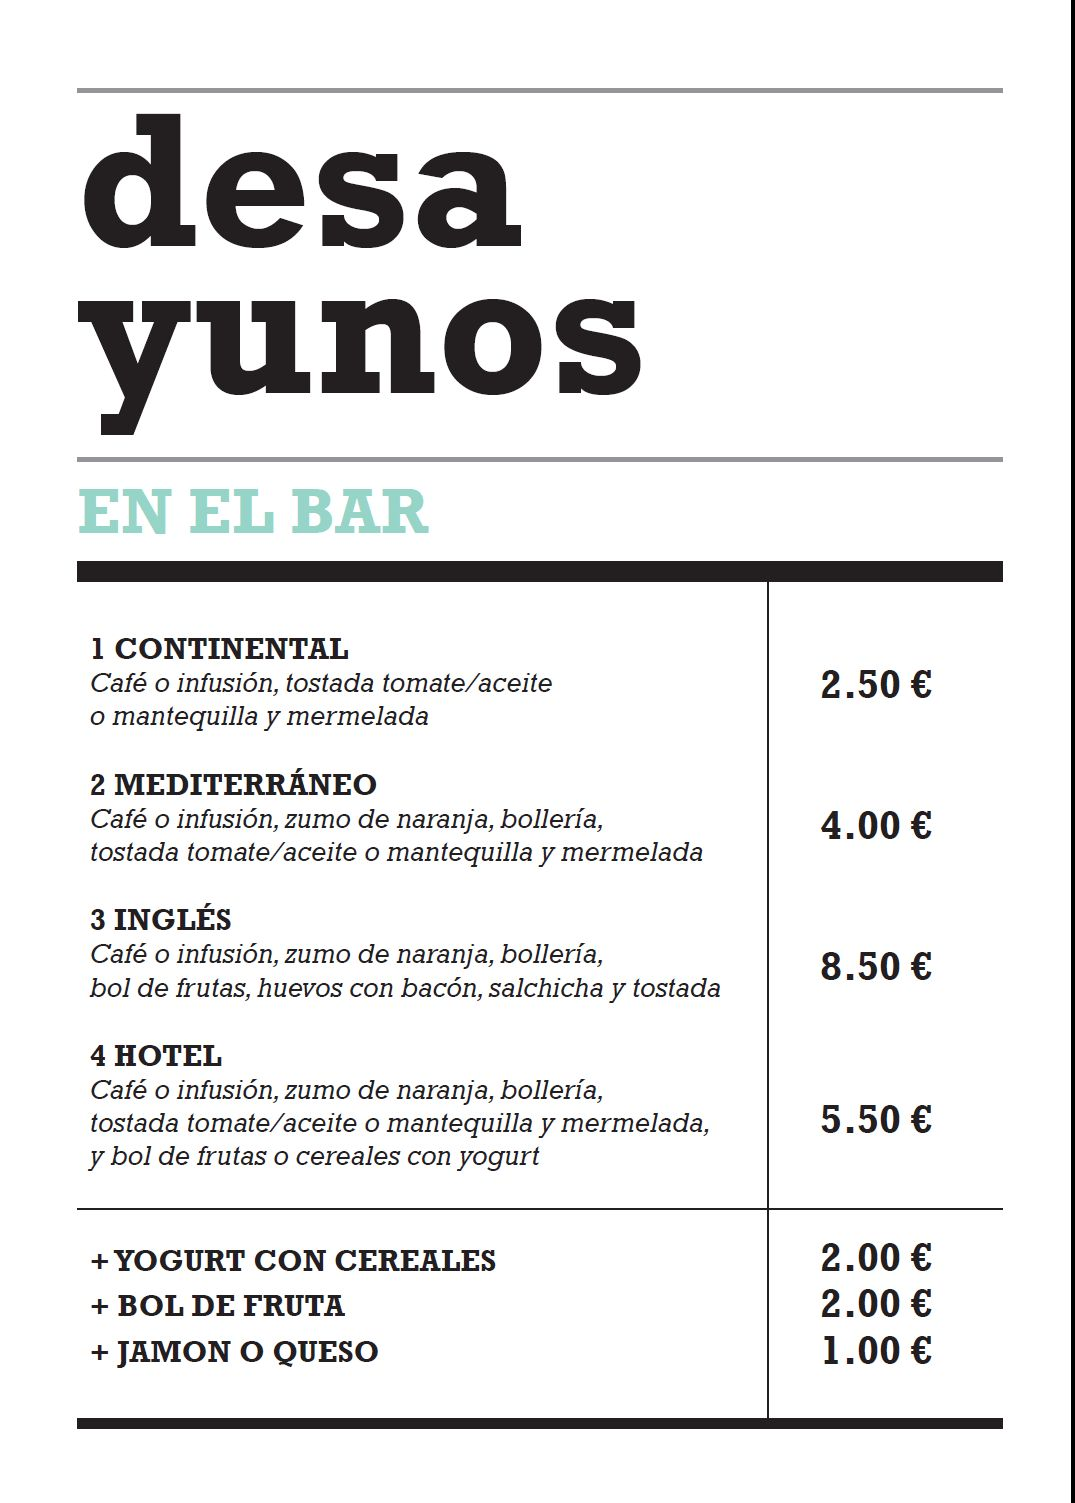 desayunos-elbar-valencia